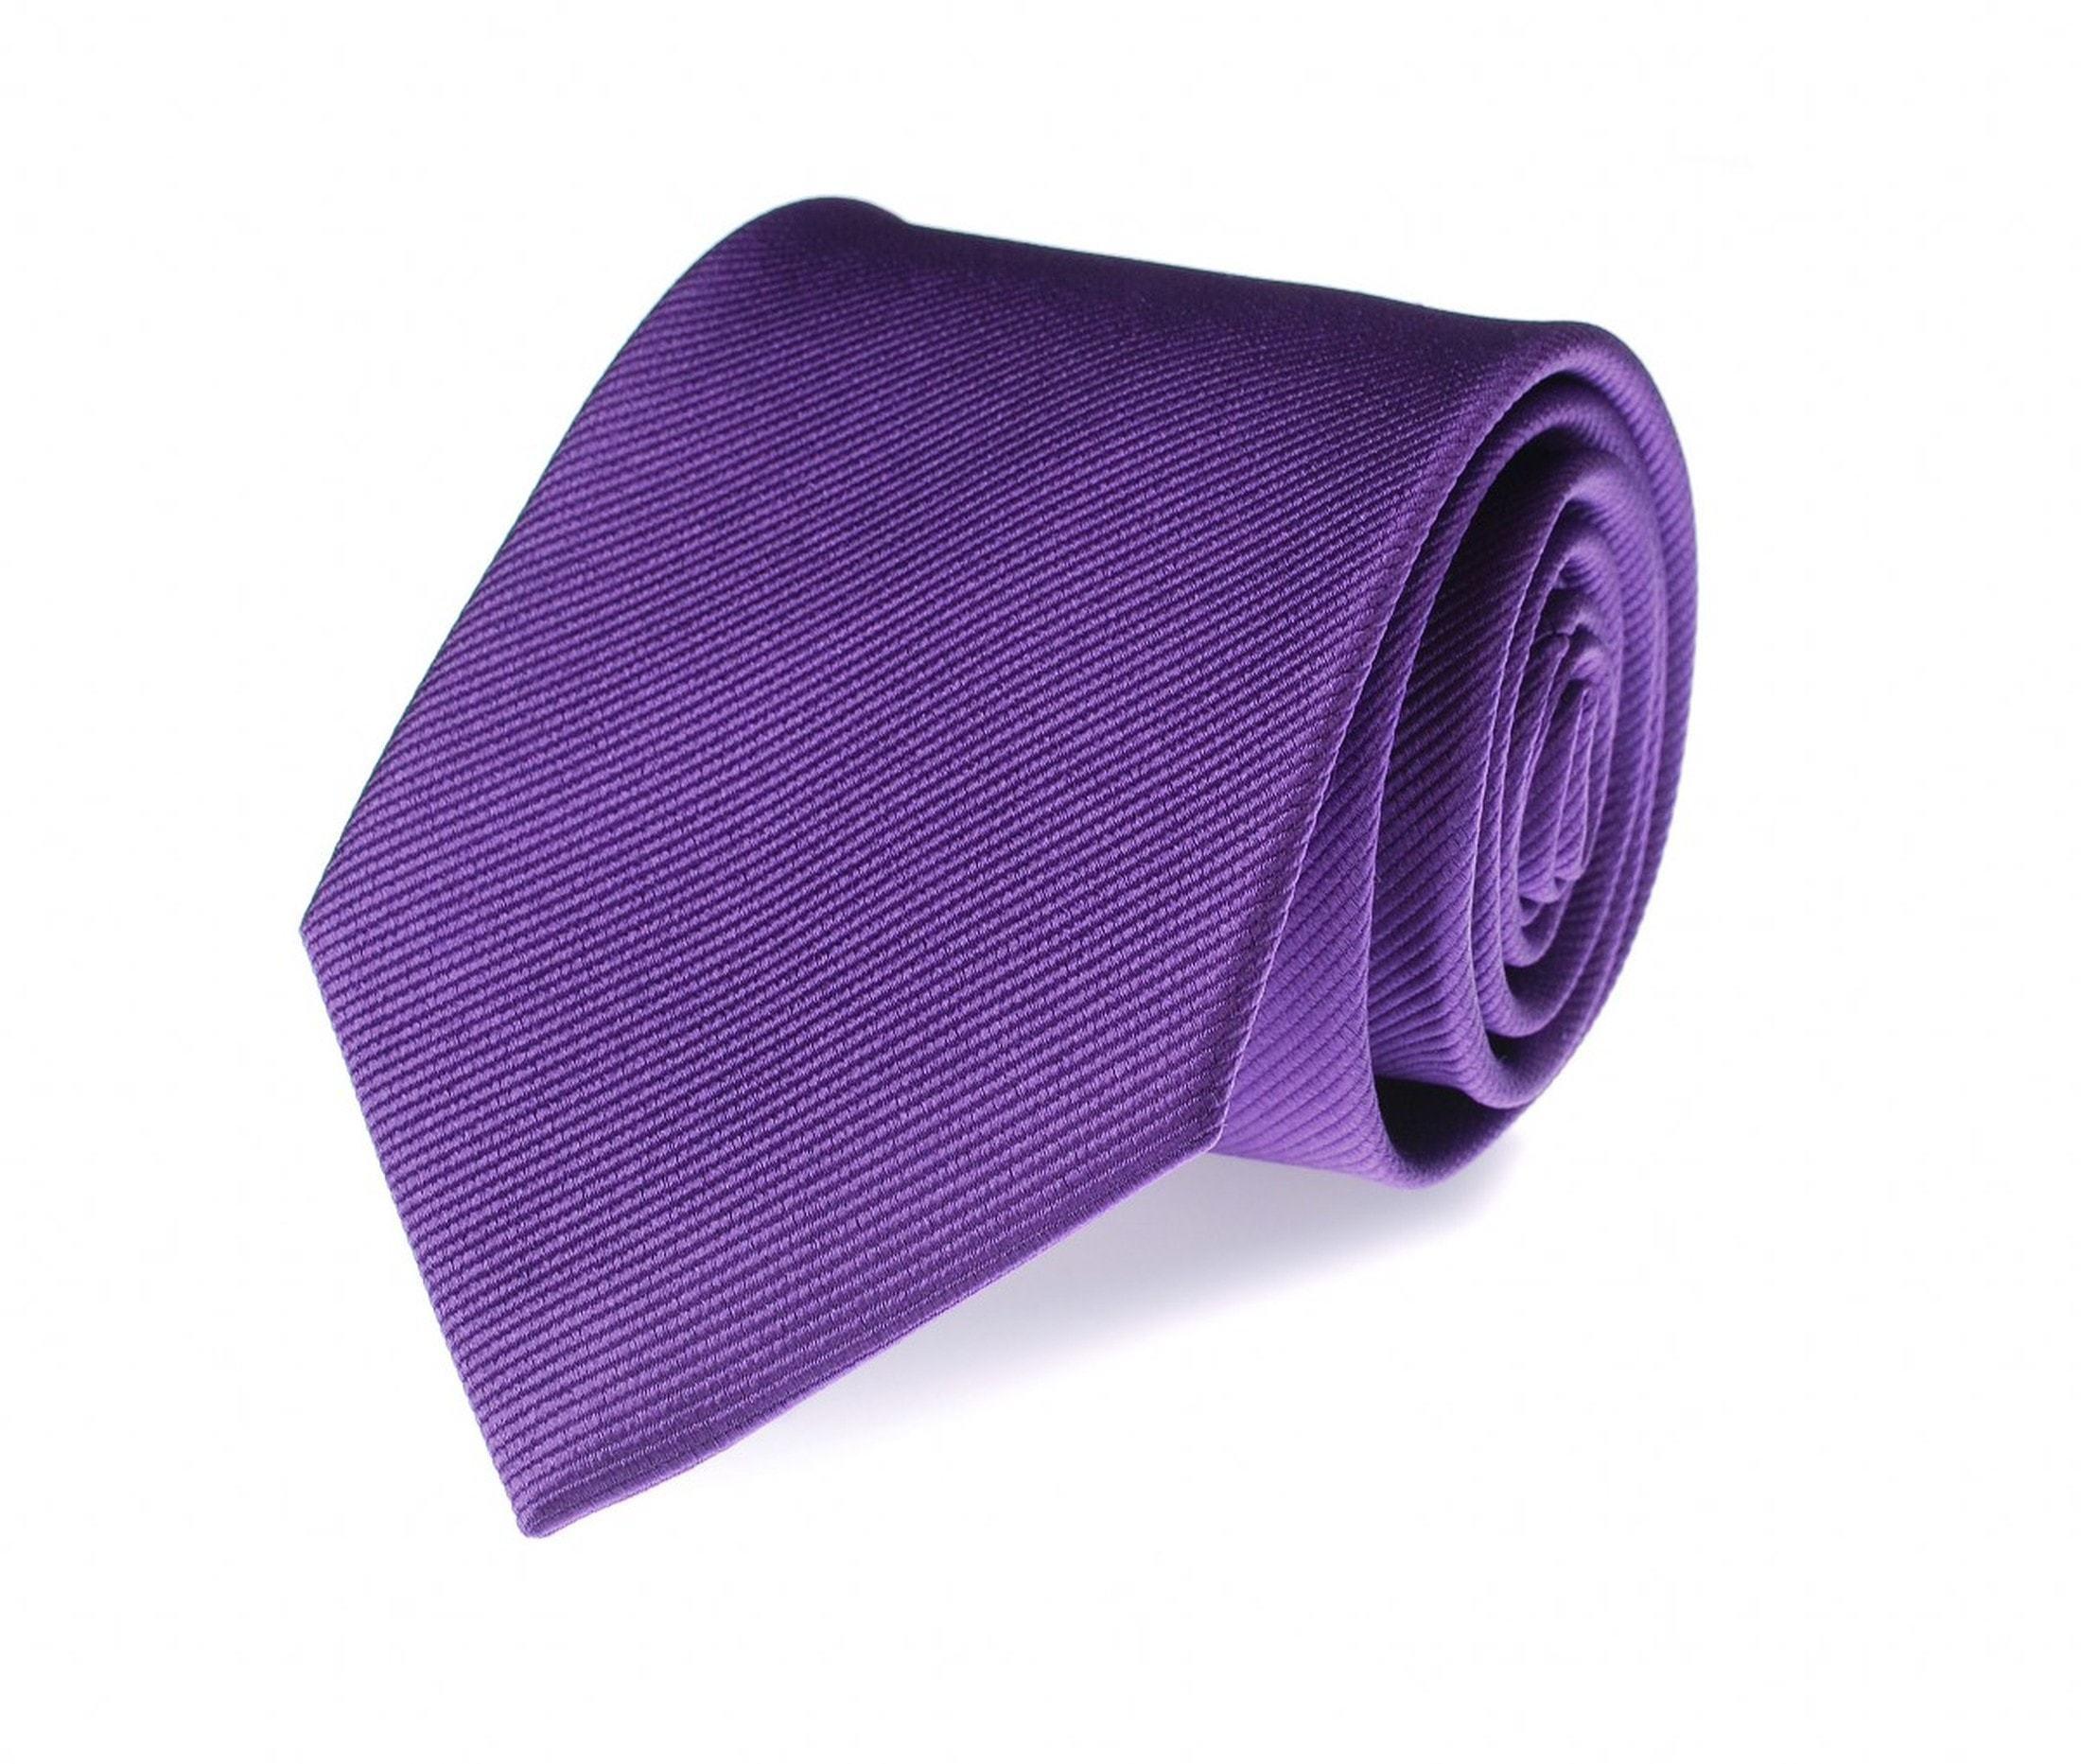 Krawatte Lila Seide Uni F30 foto 0